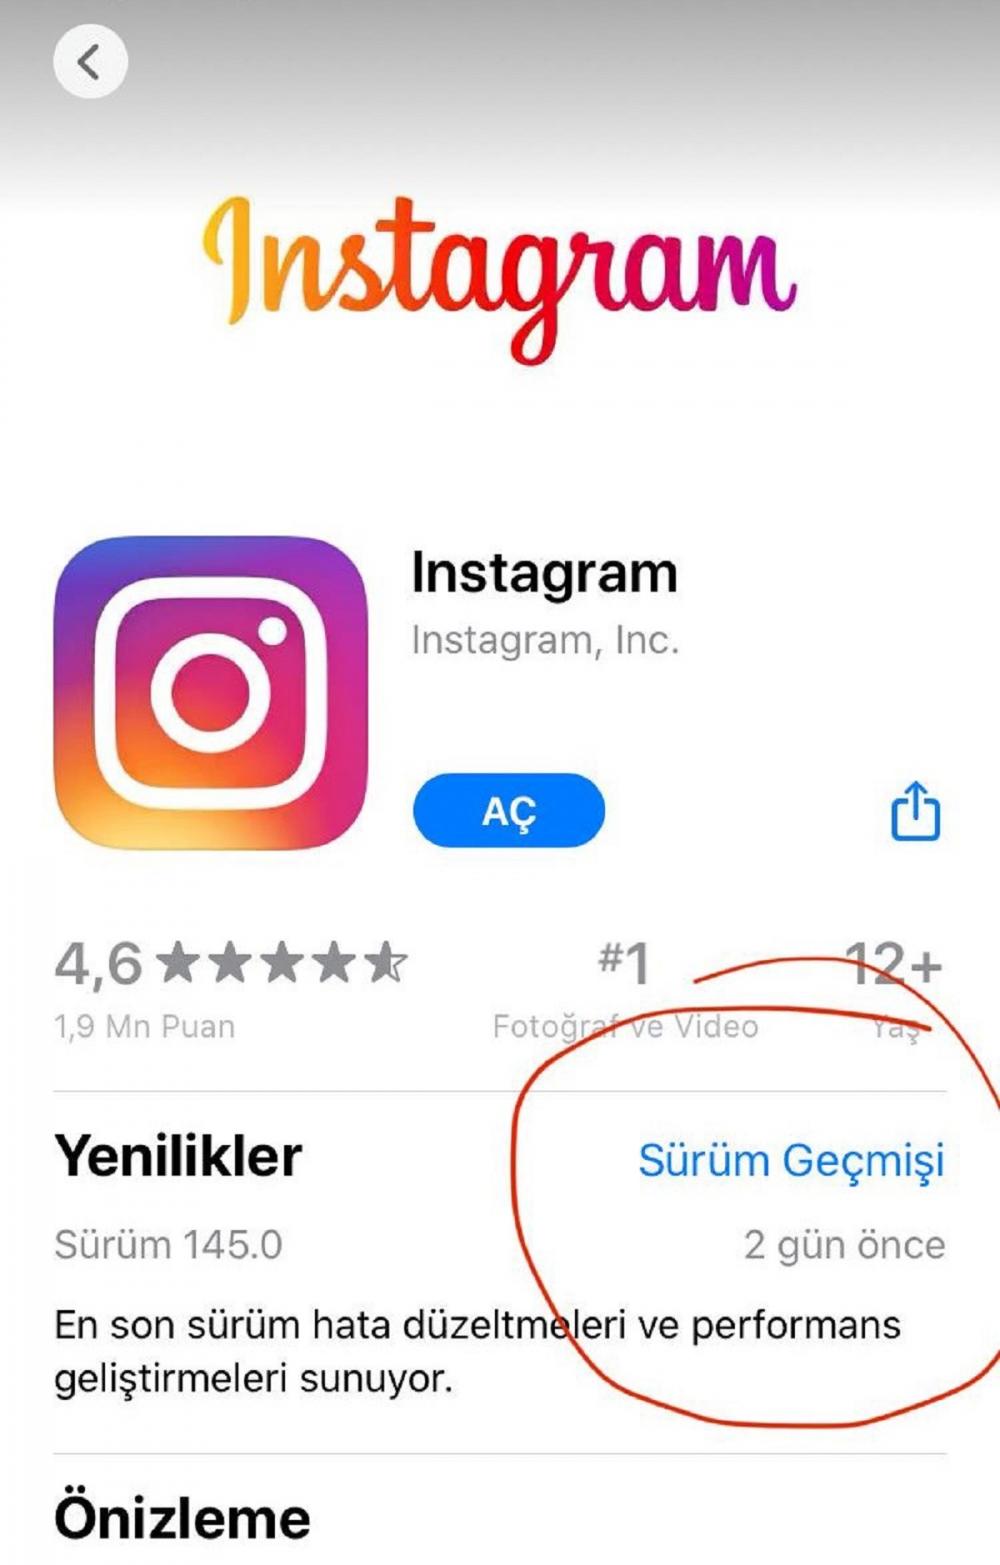 Instagram'ın açığını buldular! Mavi tik alan ünlülerin kimlik bilgilerine erişen gençler verilen ödülle şok oldu 5